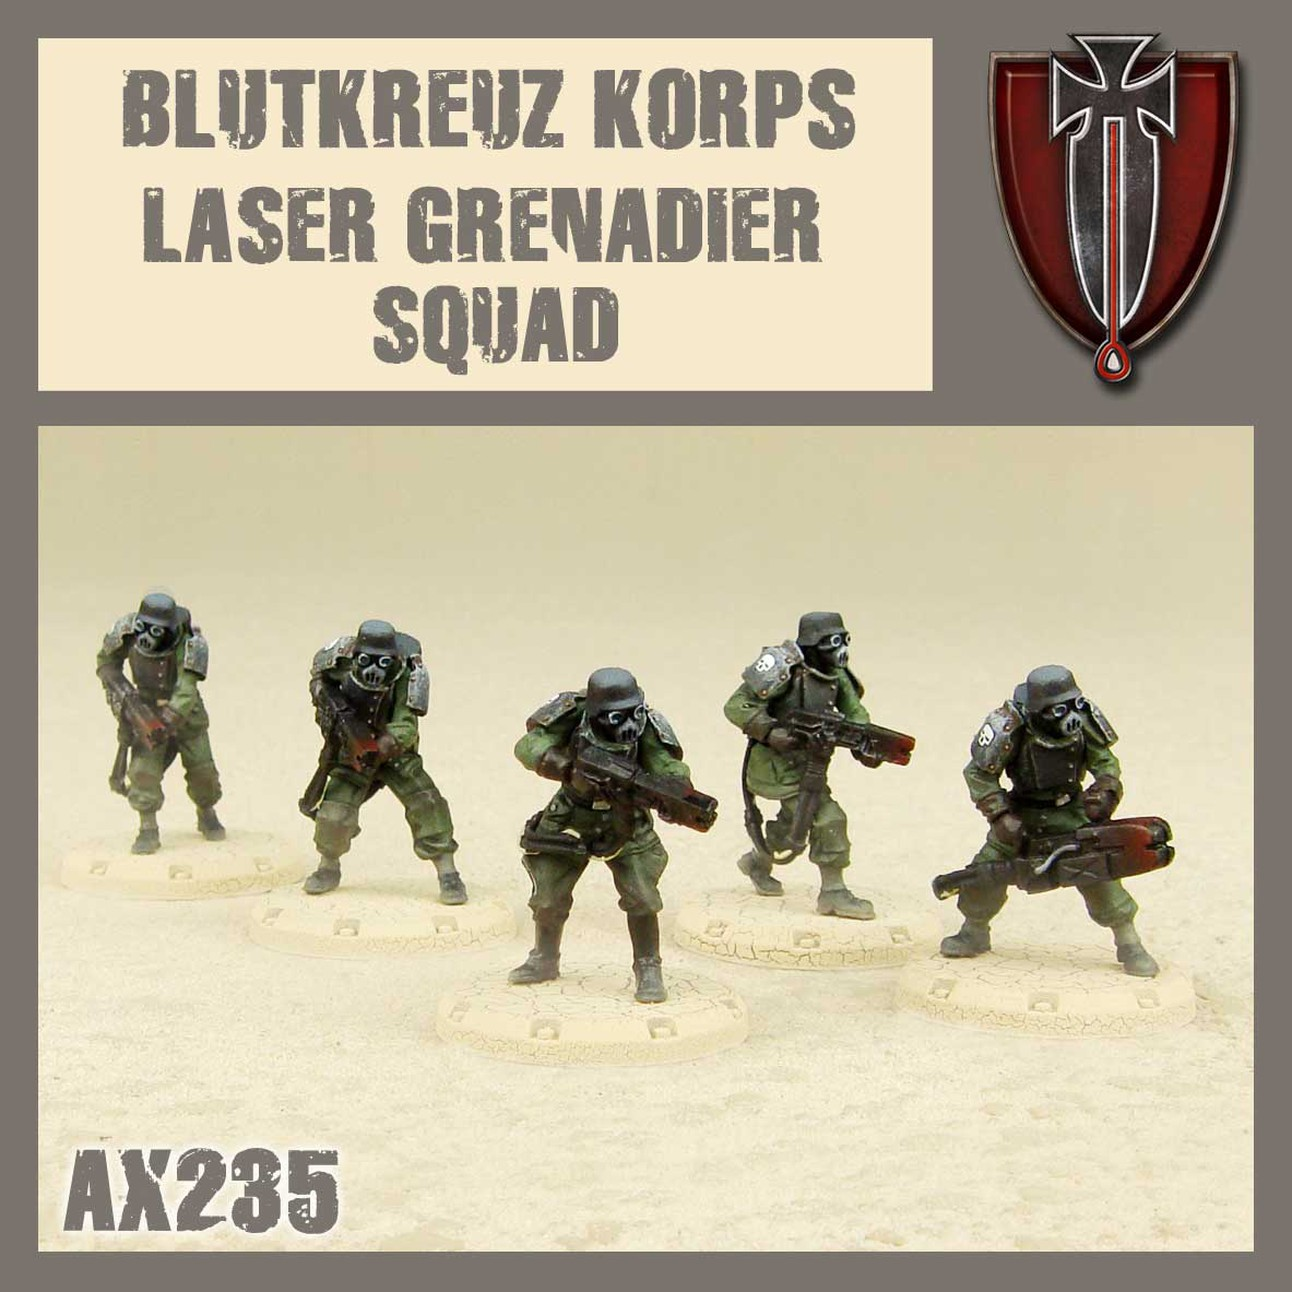 Laser Grenadiers